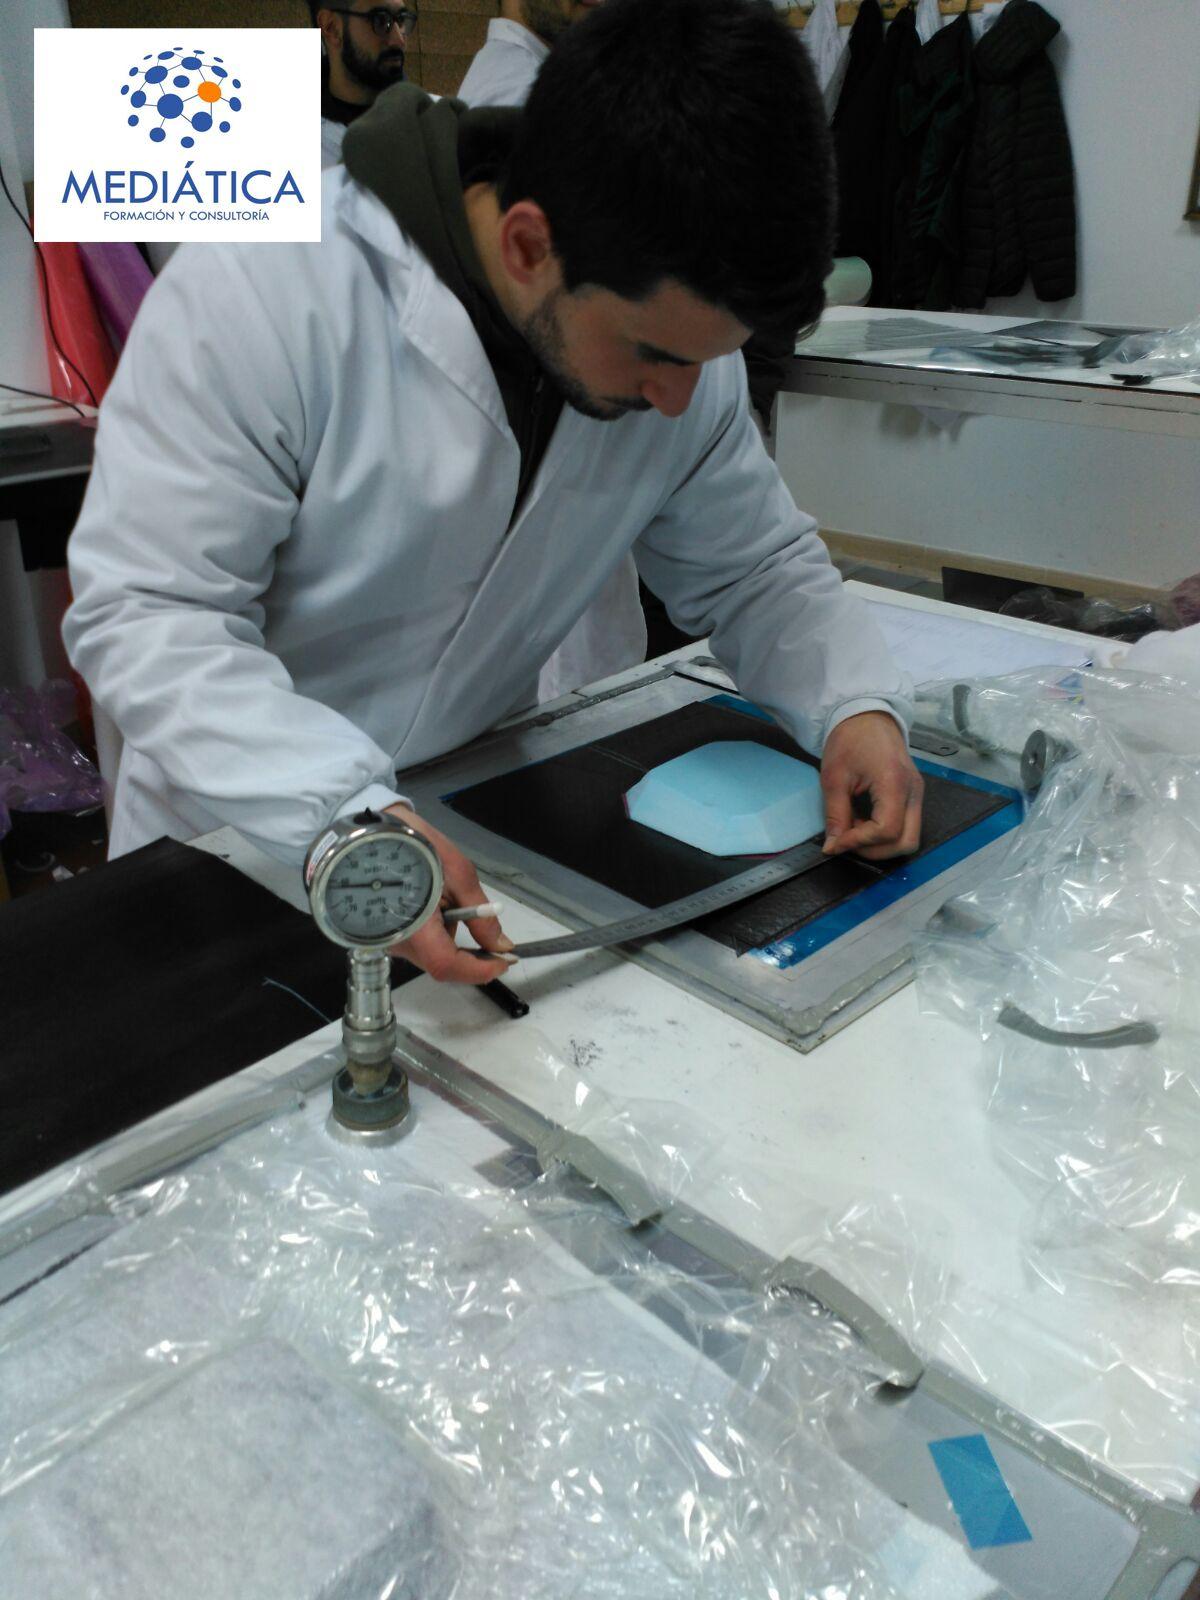 FMEA0211 - Fabricación de elementos aeroespaciales con materiales compuestos